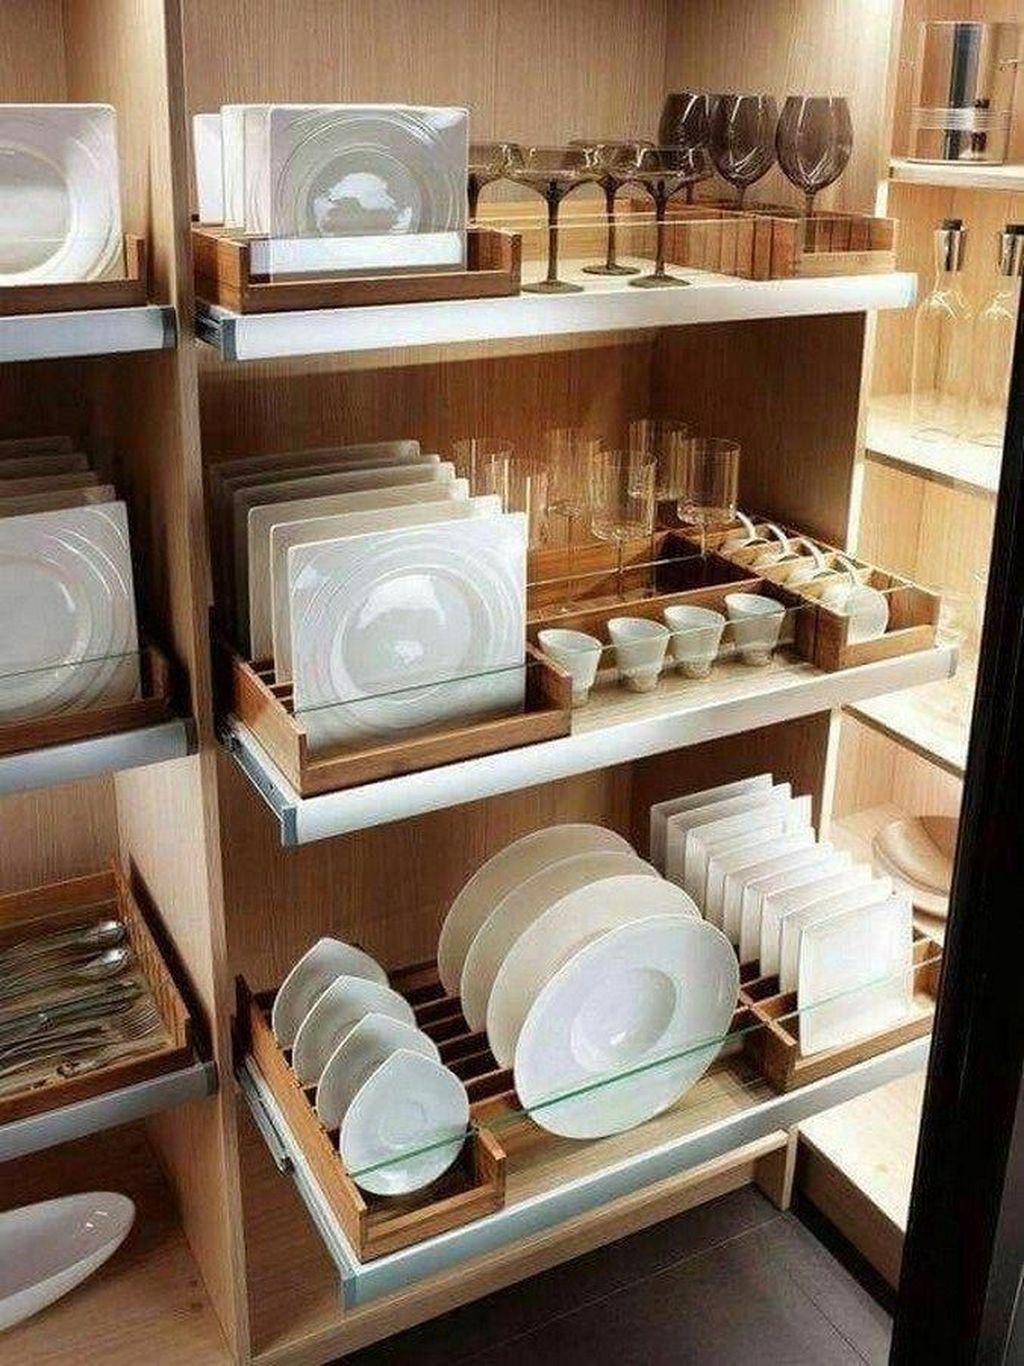 Best Design Ideas For Kitchen Organization Cabinets 27